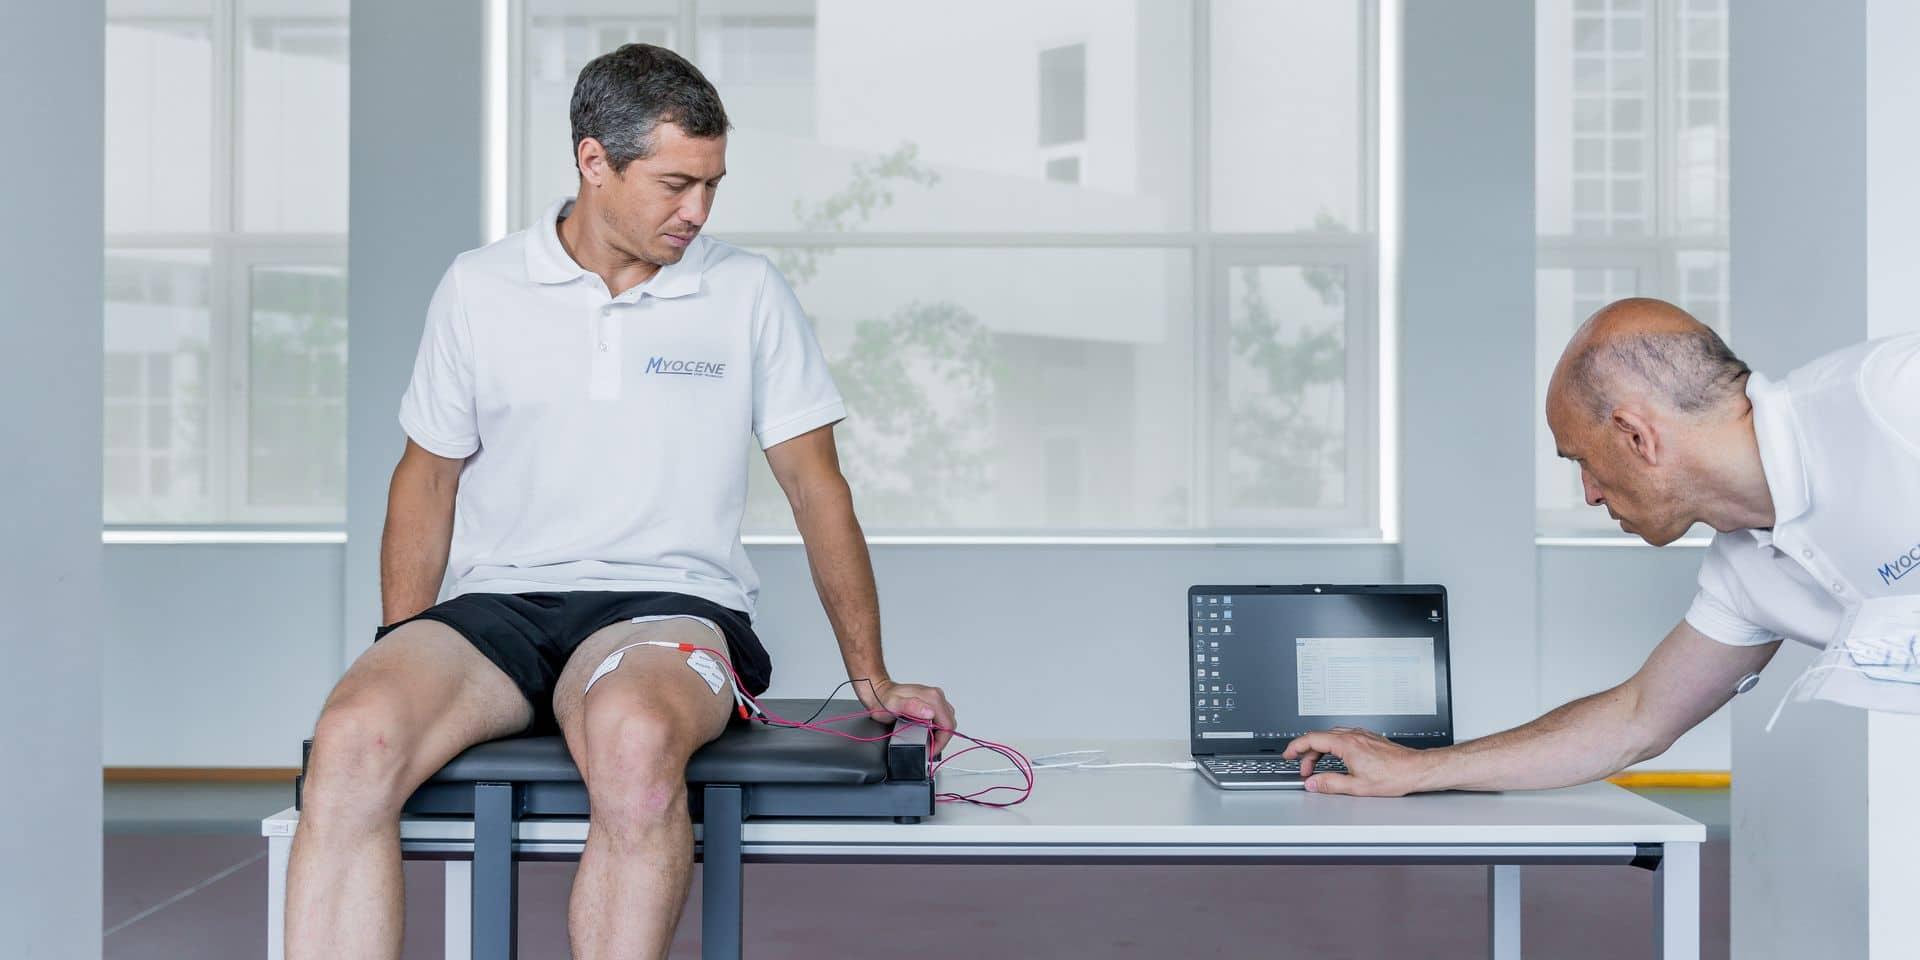 John-John Dohmen présente Myocène, premier dispositif à mesurer la fatigue musculaire